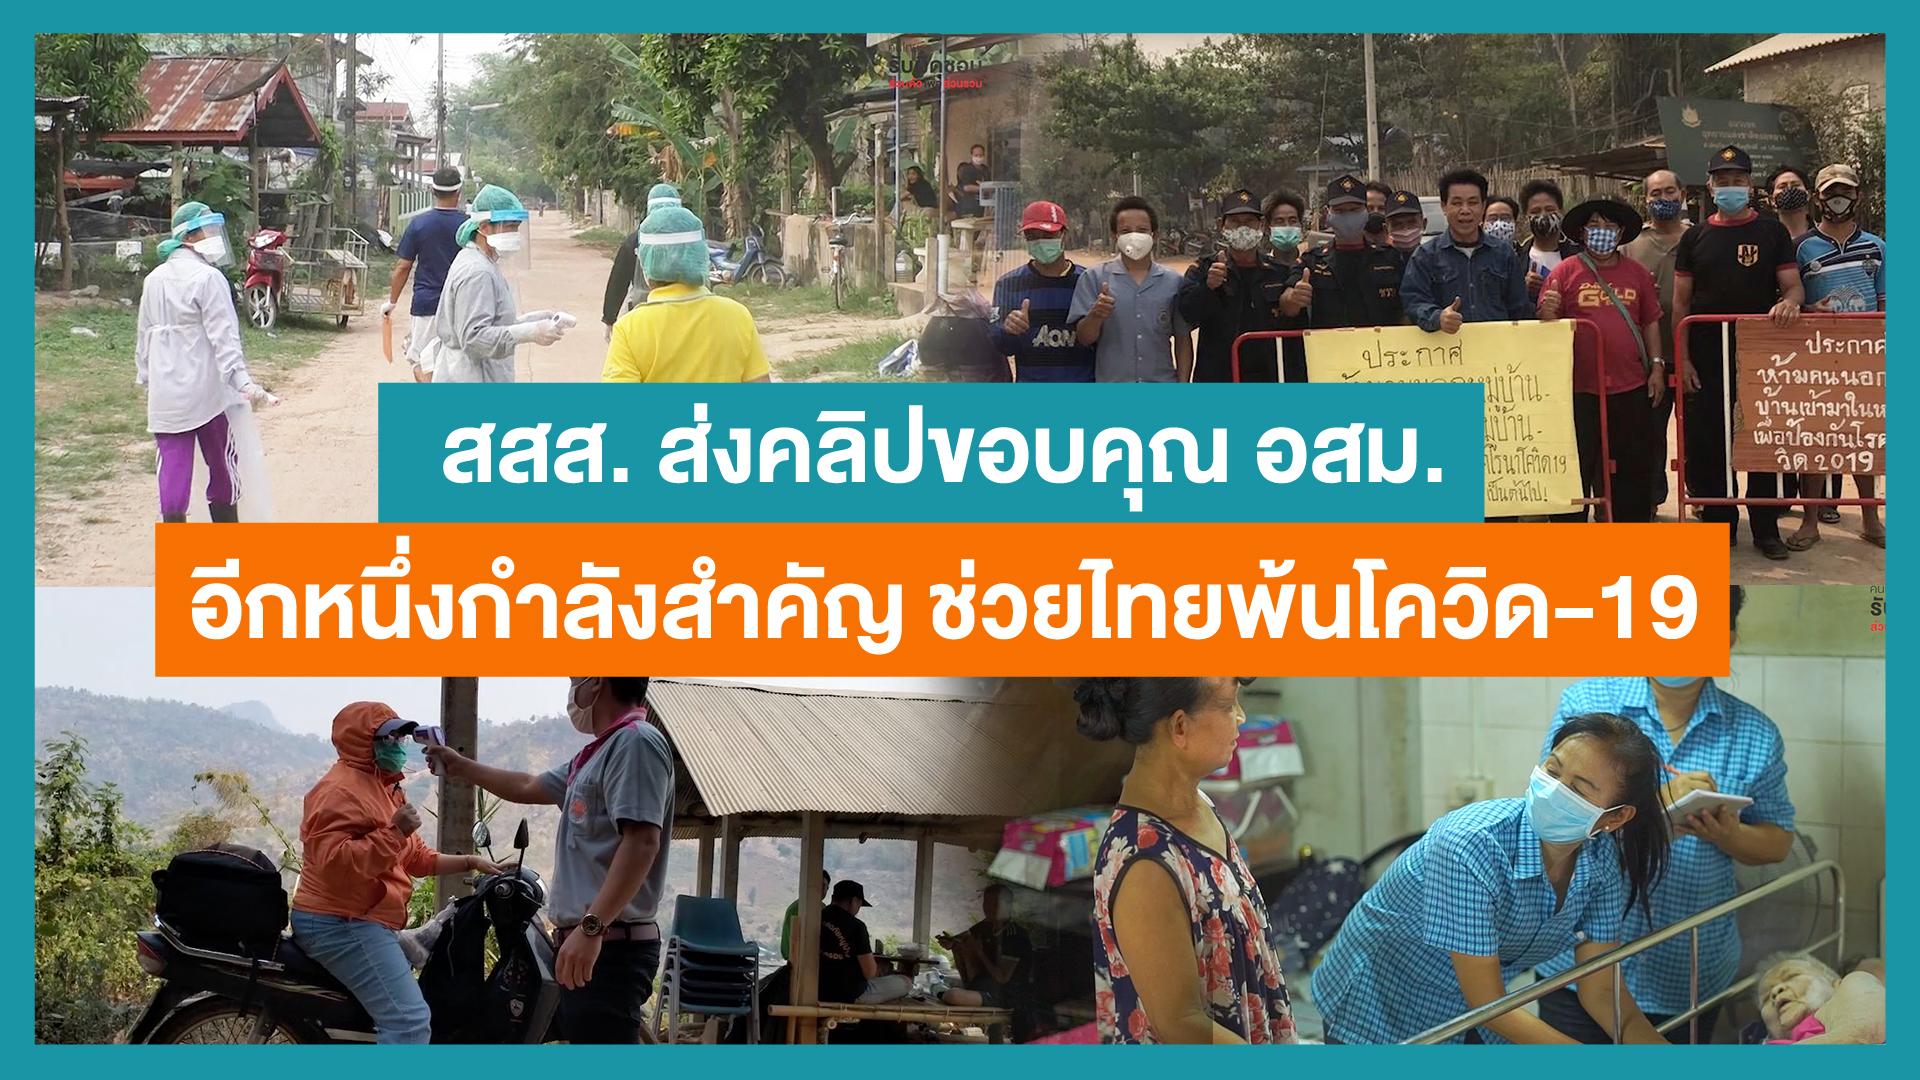 สสส.ส่งคลิปขอบคุณ อสม. อีกหนึ่งกำลังสำคัญช่วยไทยพ้นโควิด-19  thaihealth